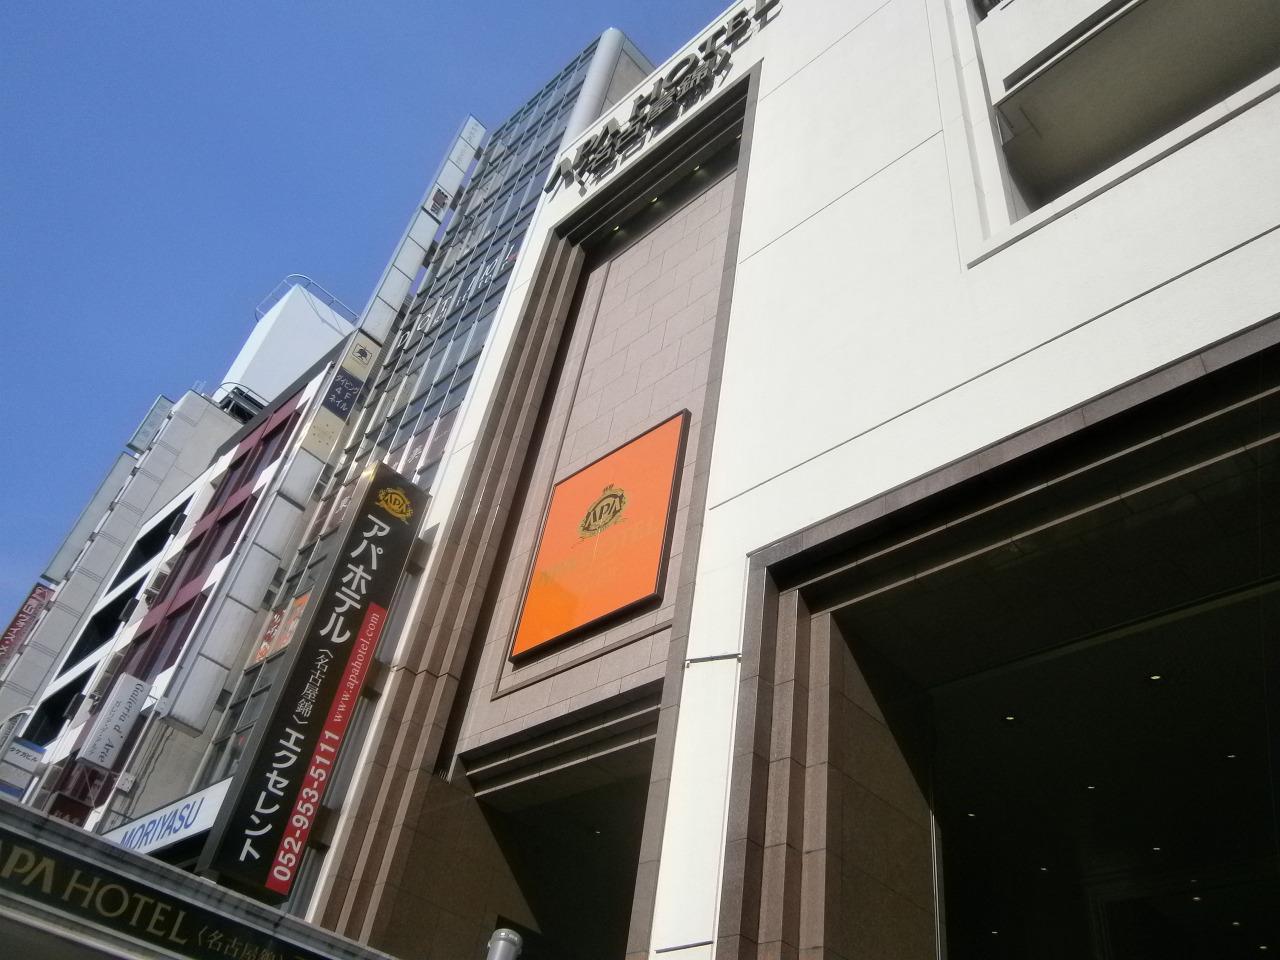 アパホテル 名古屋錦エクセレント